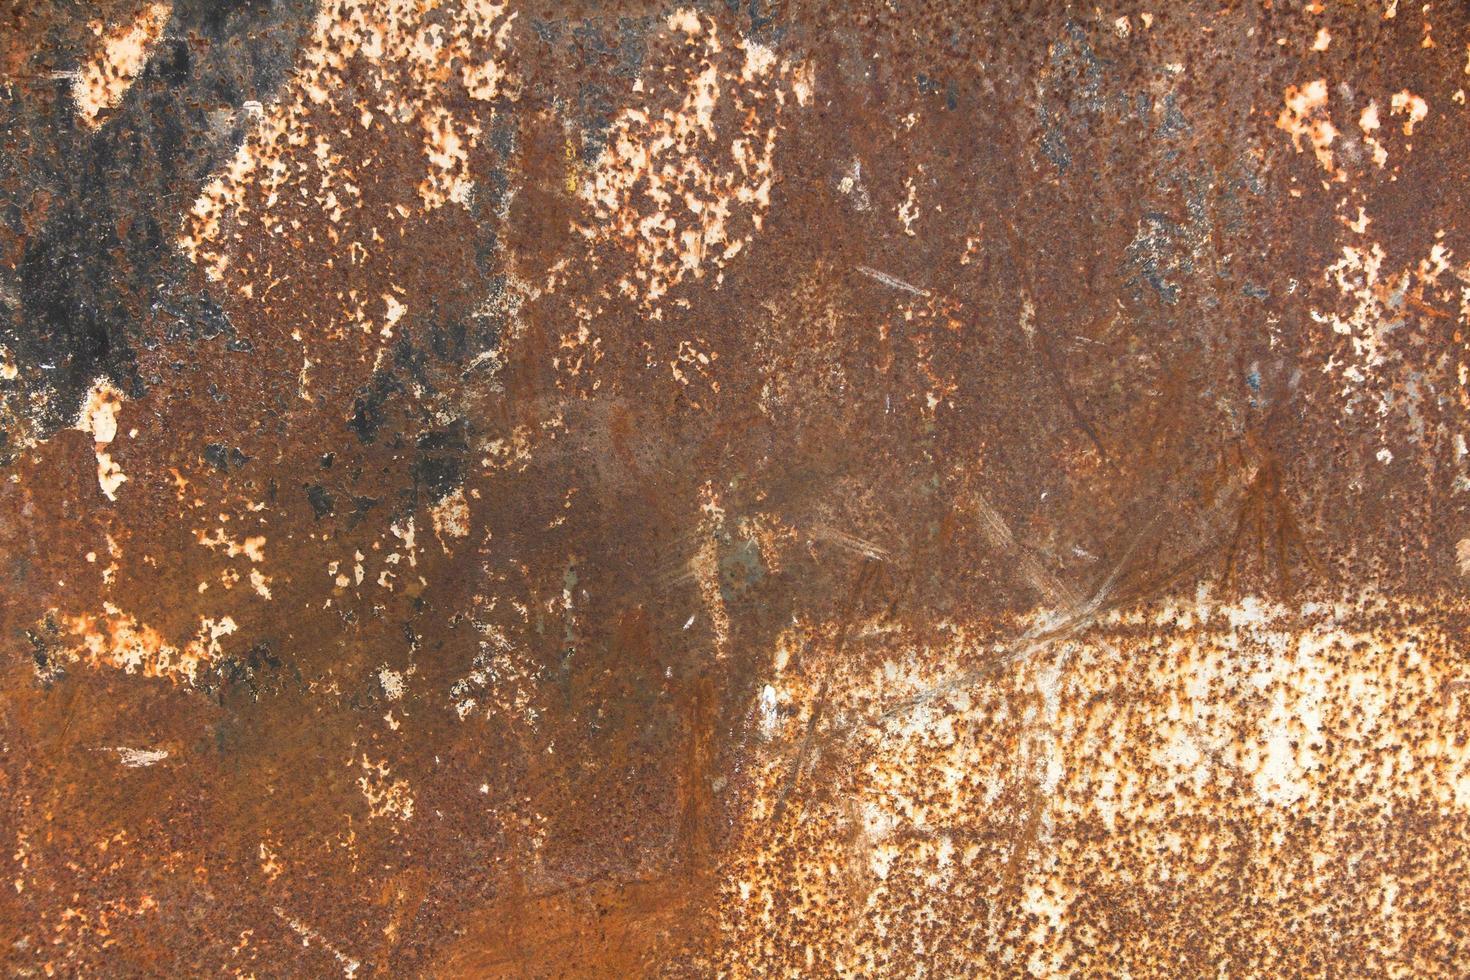 strukturierter Oberflächenhintergrund foto